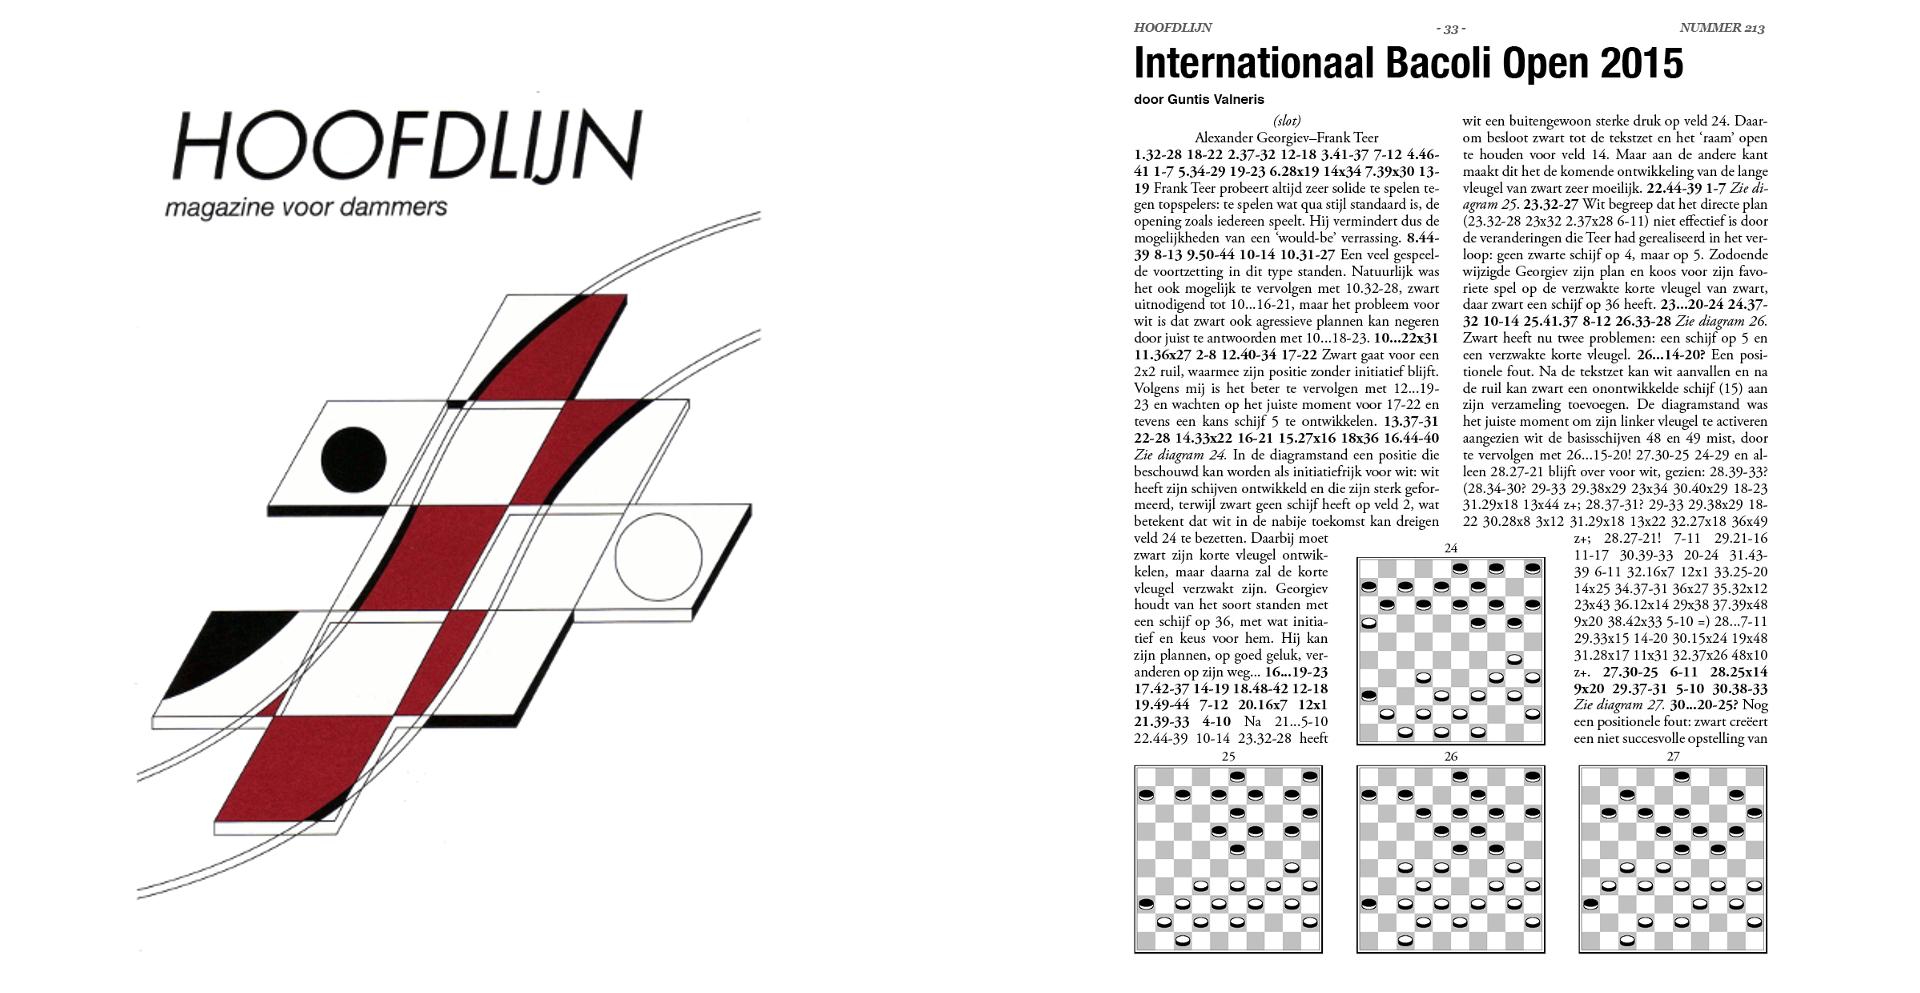 Internationale toernooien